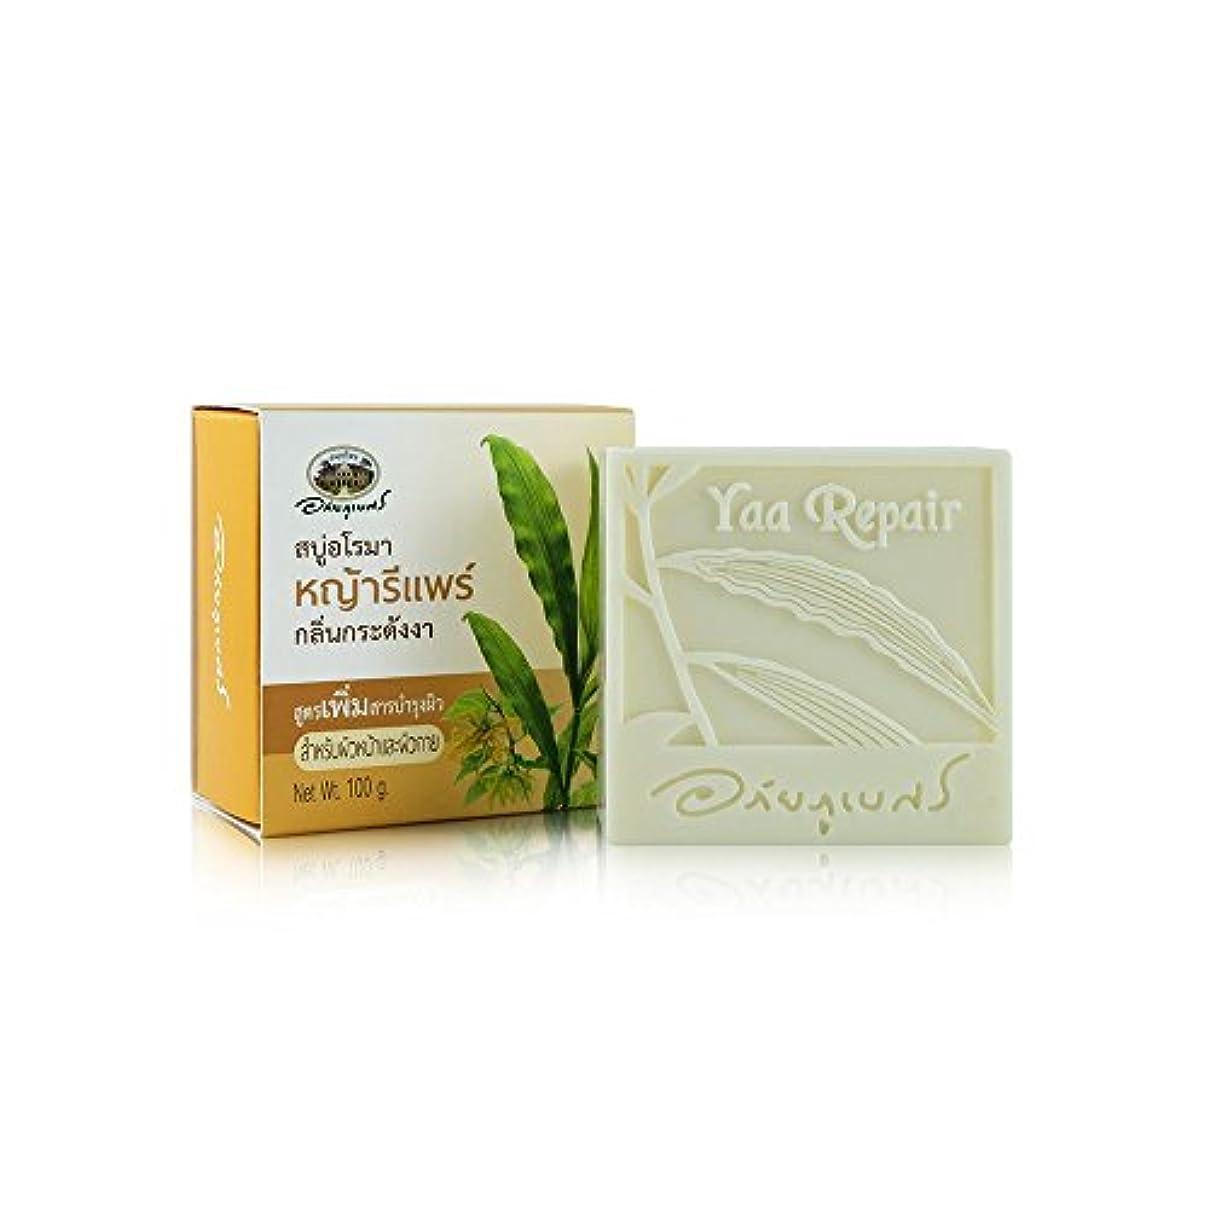 虫を数えるすすり泣き才能のあるAbhaibhubejhr Thai Aromatherapy With Ylang Ylang Skin Care Formula Herbal Body Face Cleaning Soap 100g.